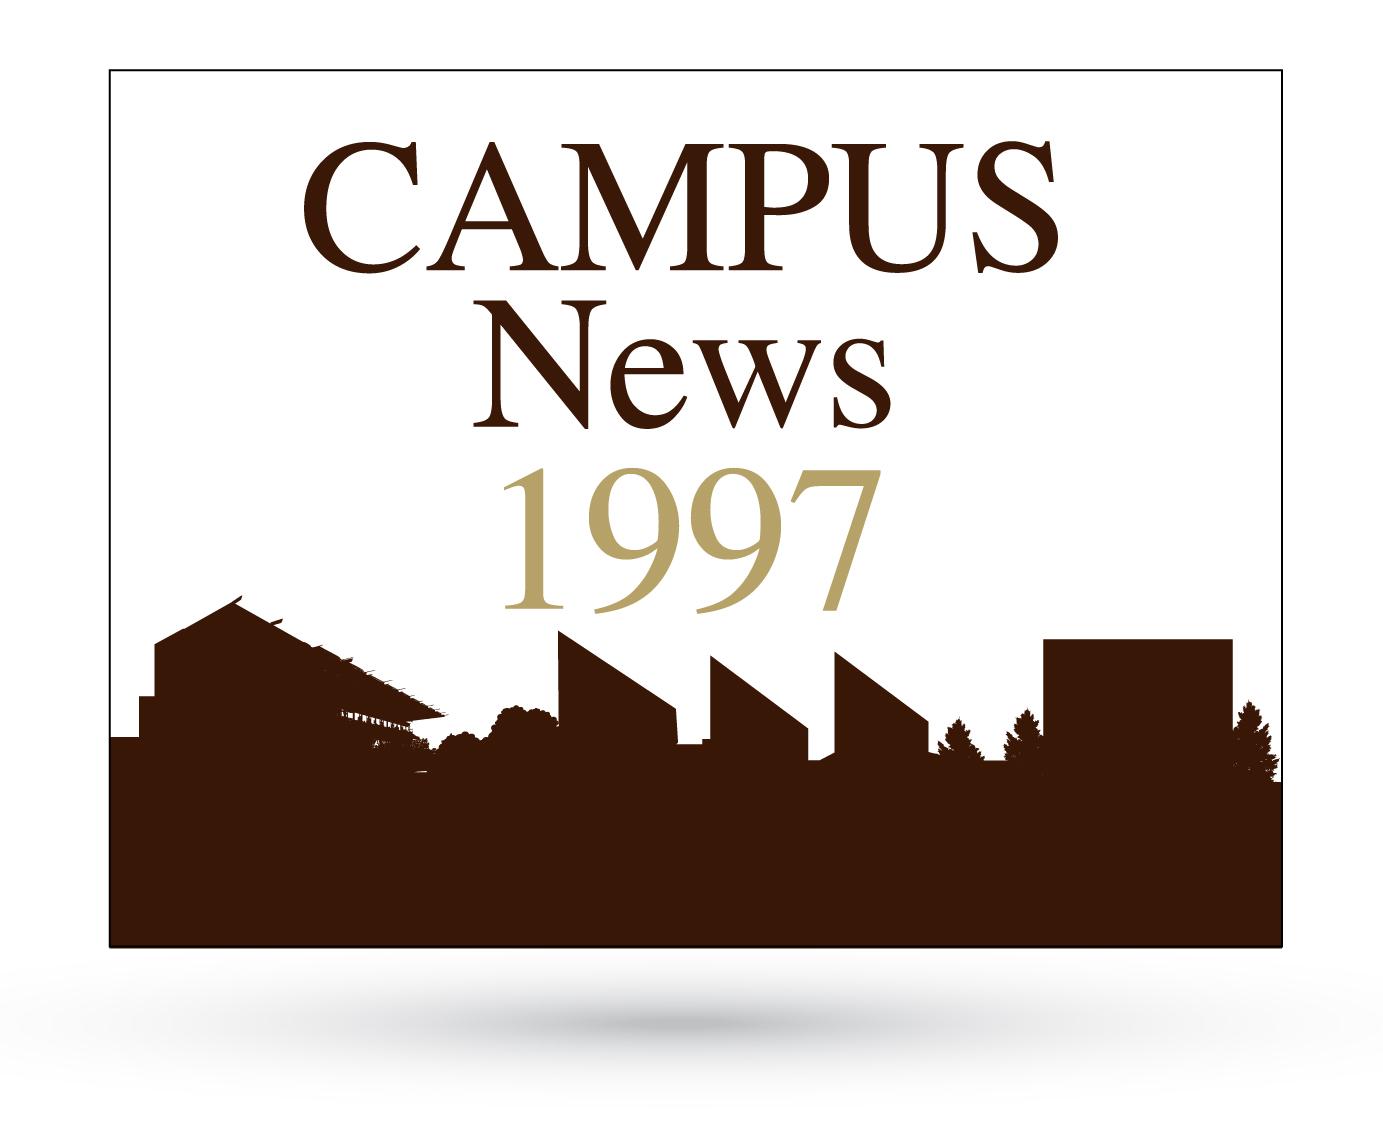 Campus News 1997